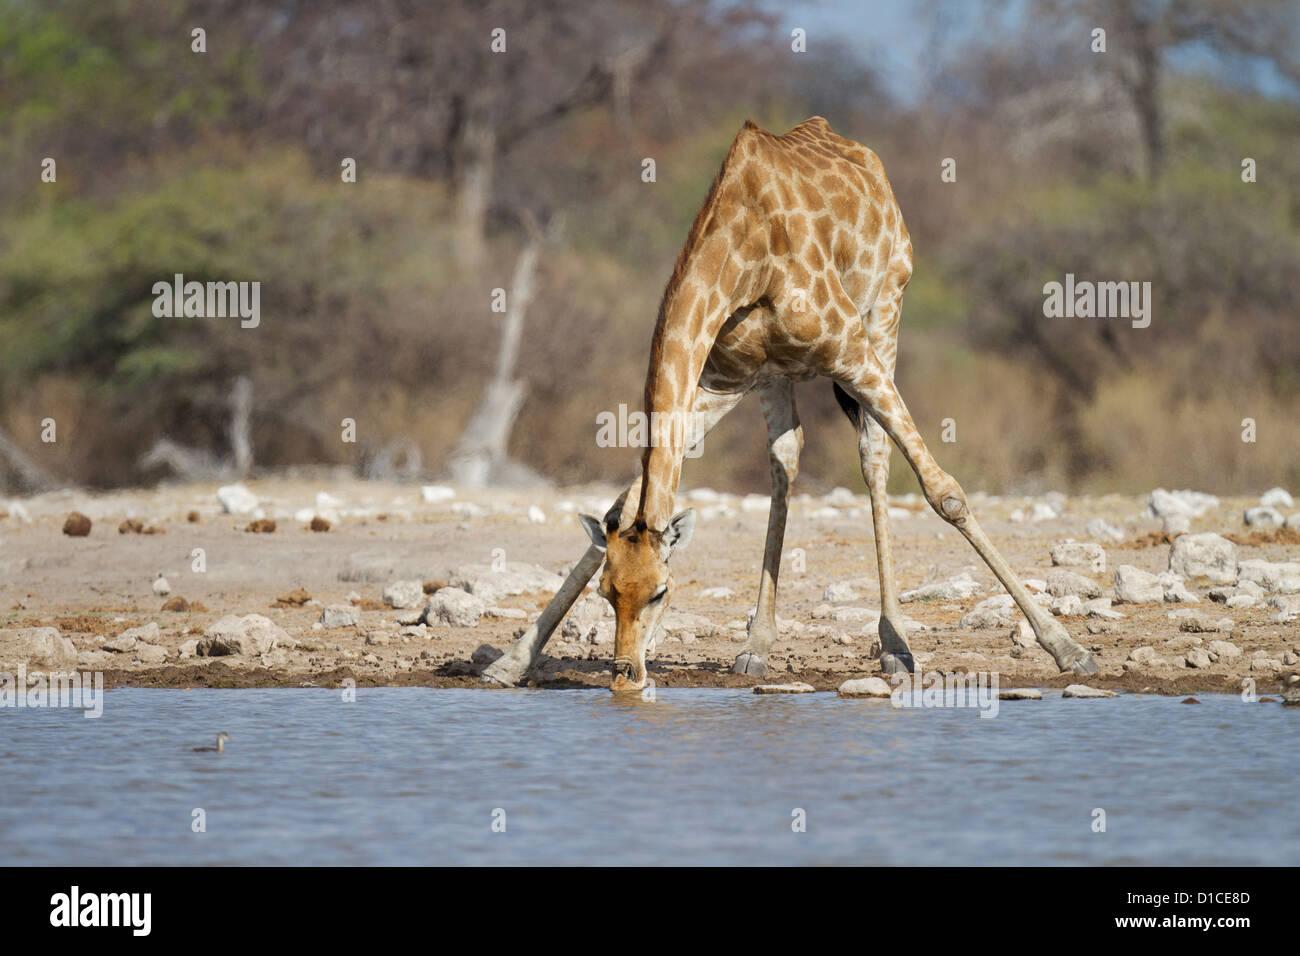 Giraffe drinking at Klein Namutoni waterhole in Etosha National Park, Namibia - Stock Image